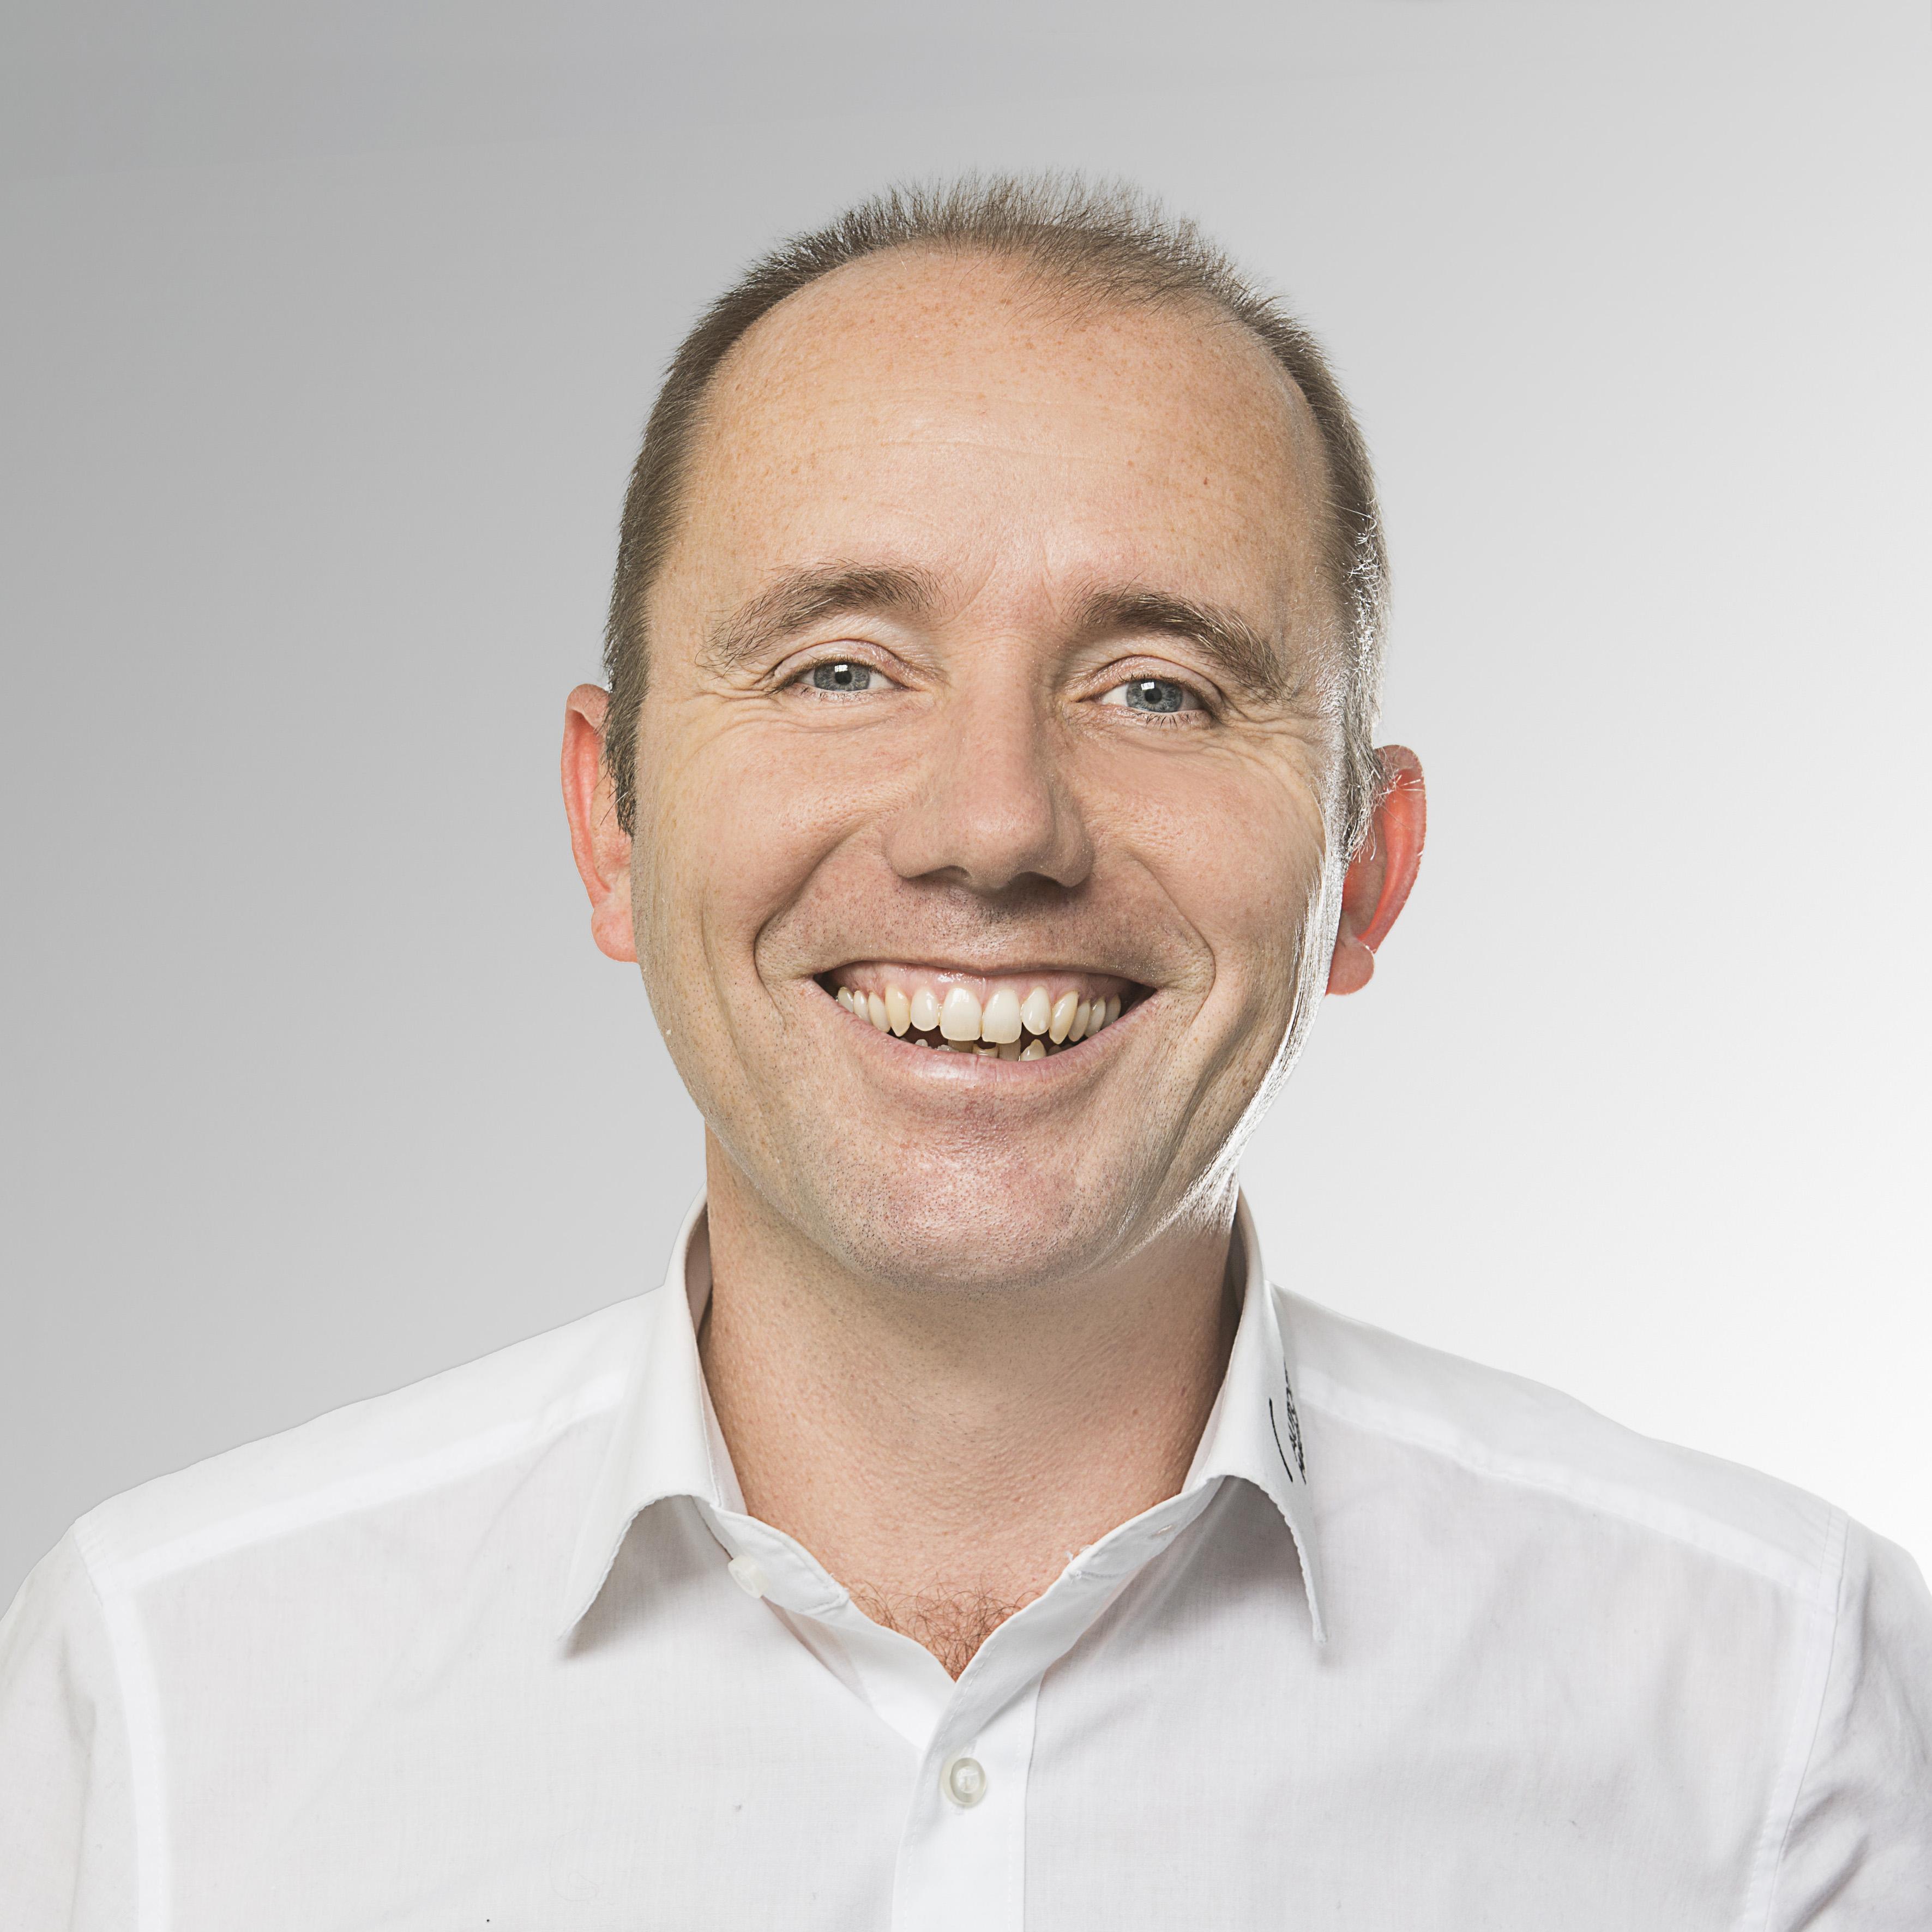 Stefan Hagelauer